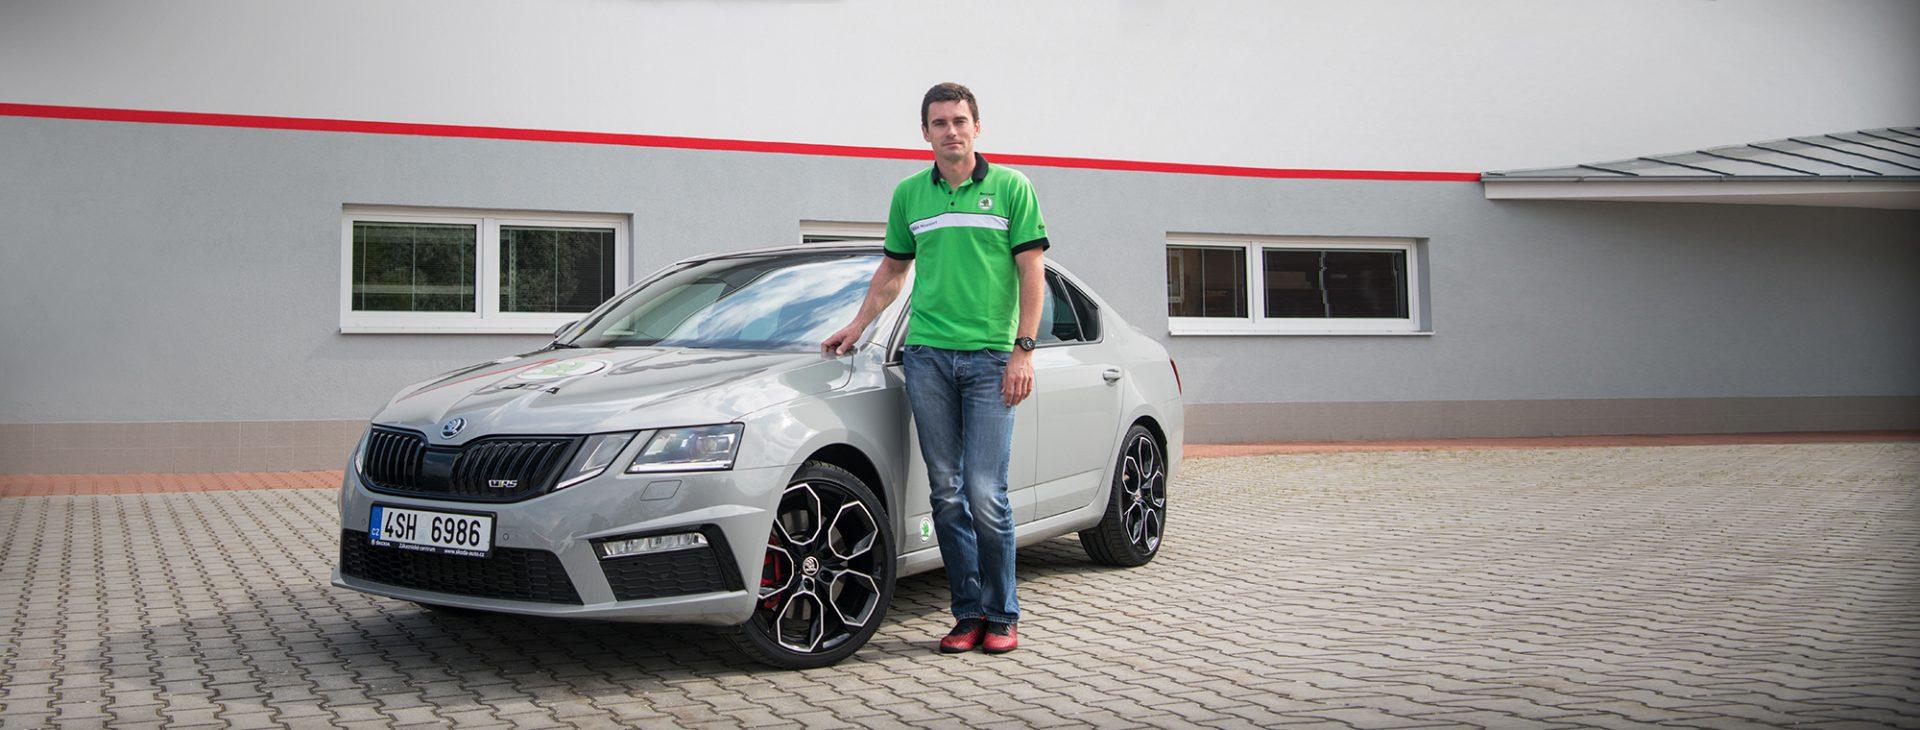 Můj život s autem: Proč by Jan Kopecký nikdy nejel do myčky